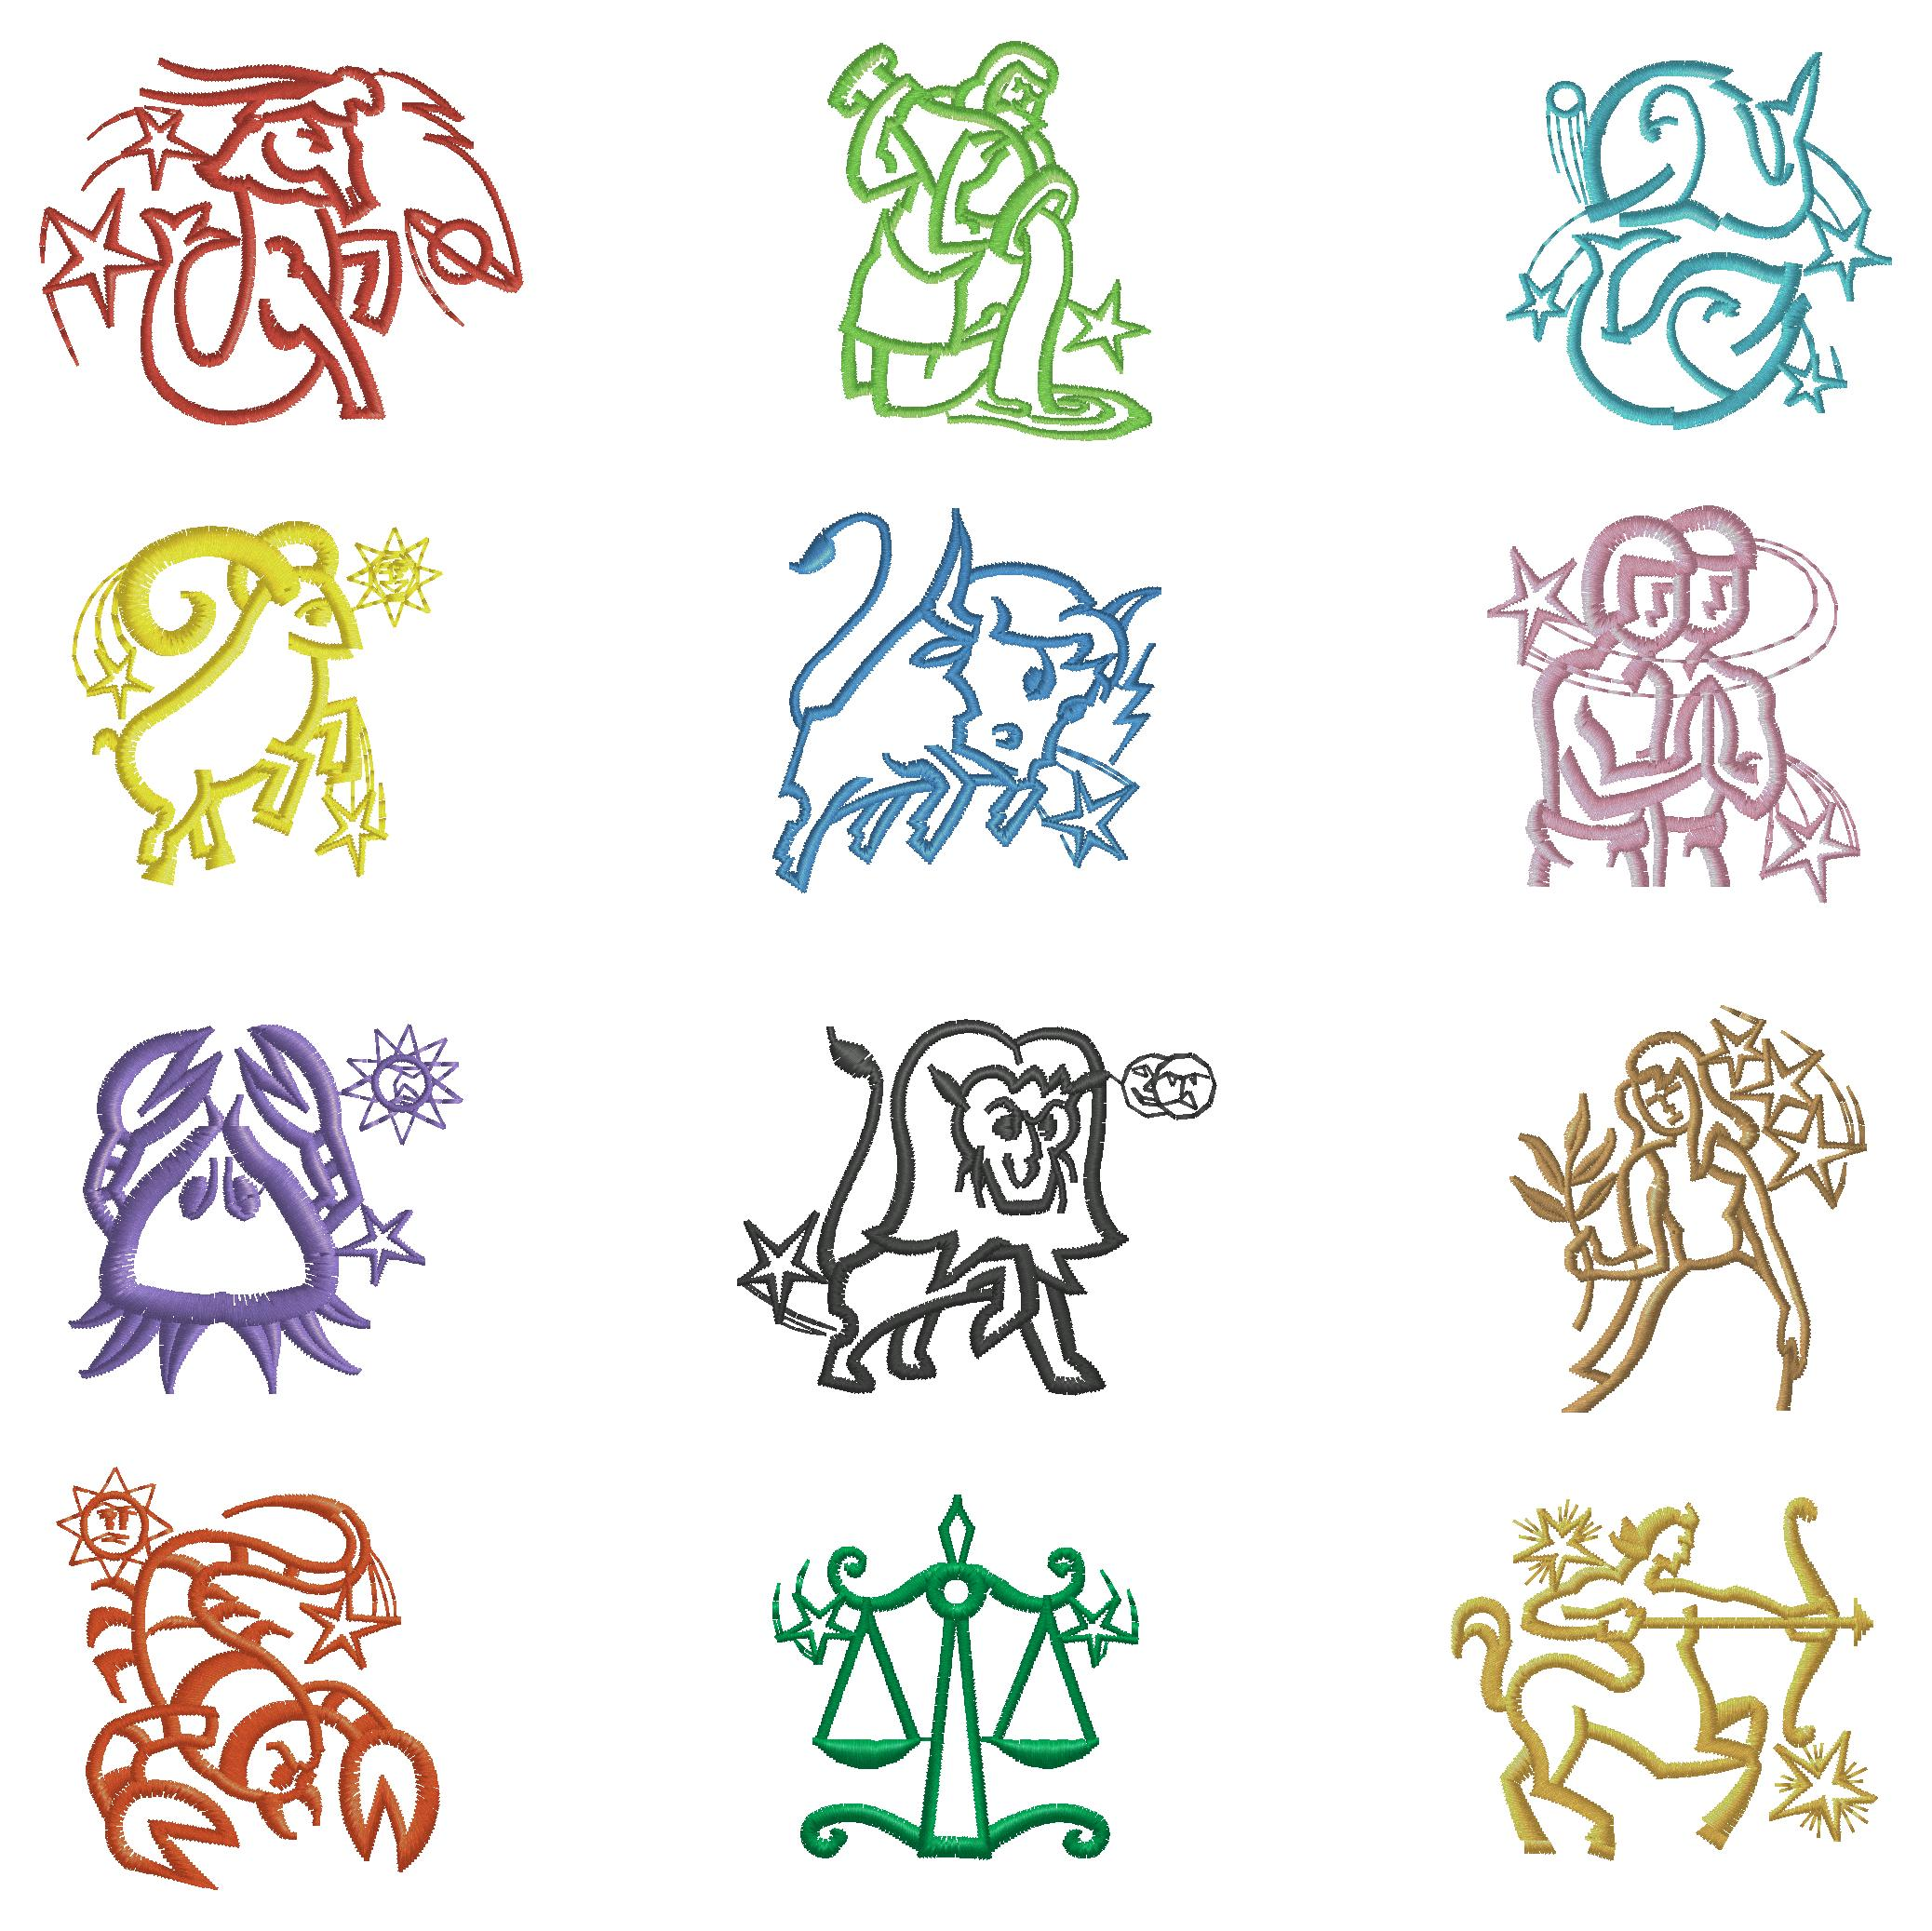 Zodiac_symbols.jpg